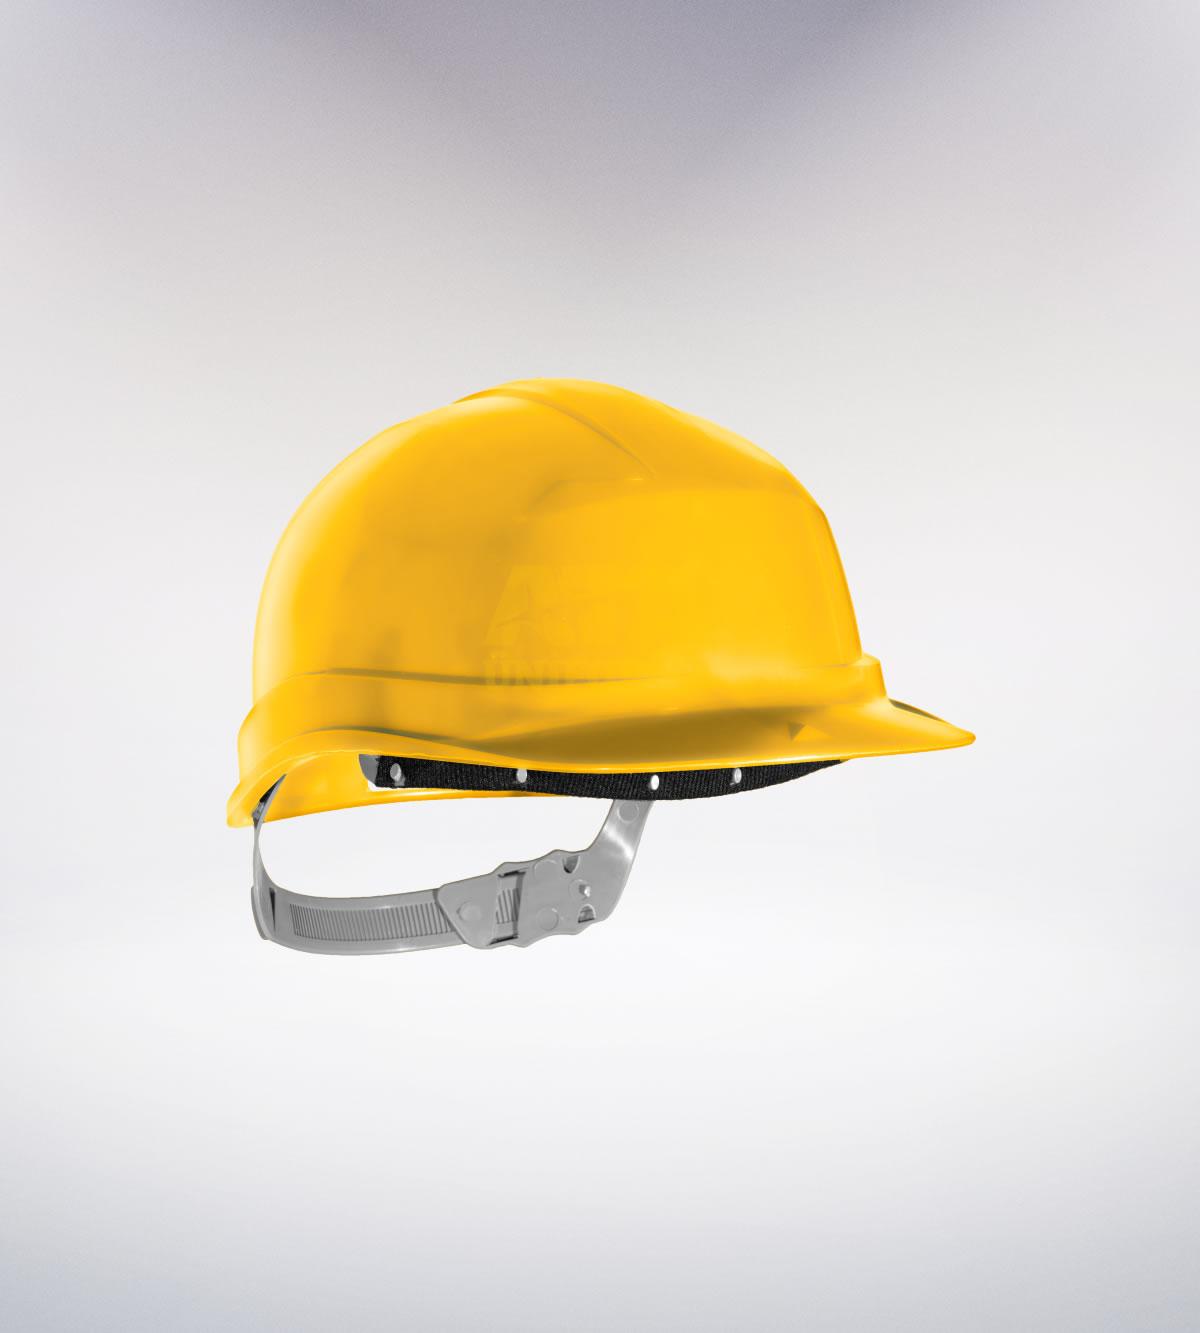 ATA 426 - iş elbiseleri | iş üniformaları | iş kıyafetleri